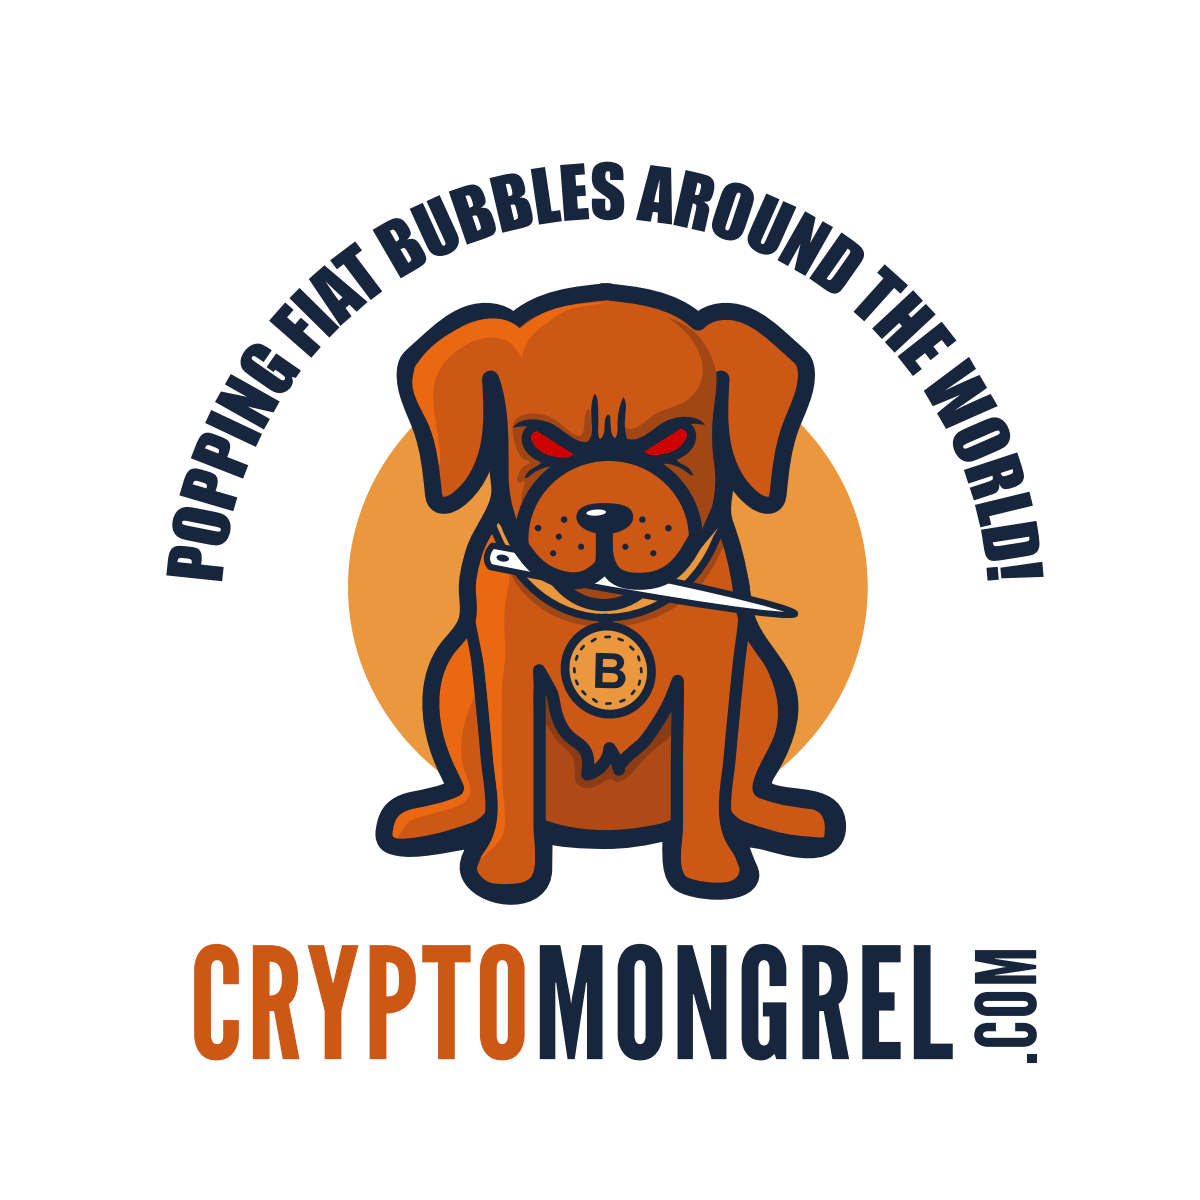 More Design Ideas For CryptoMongrel 2